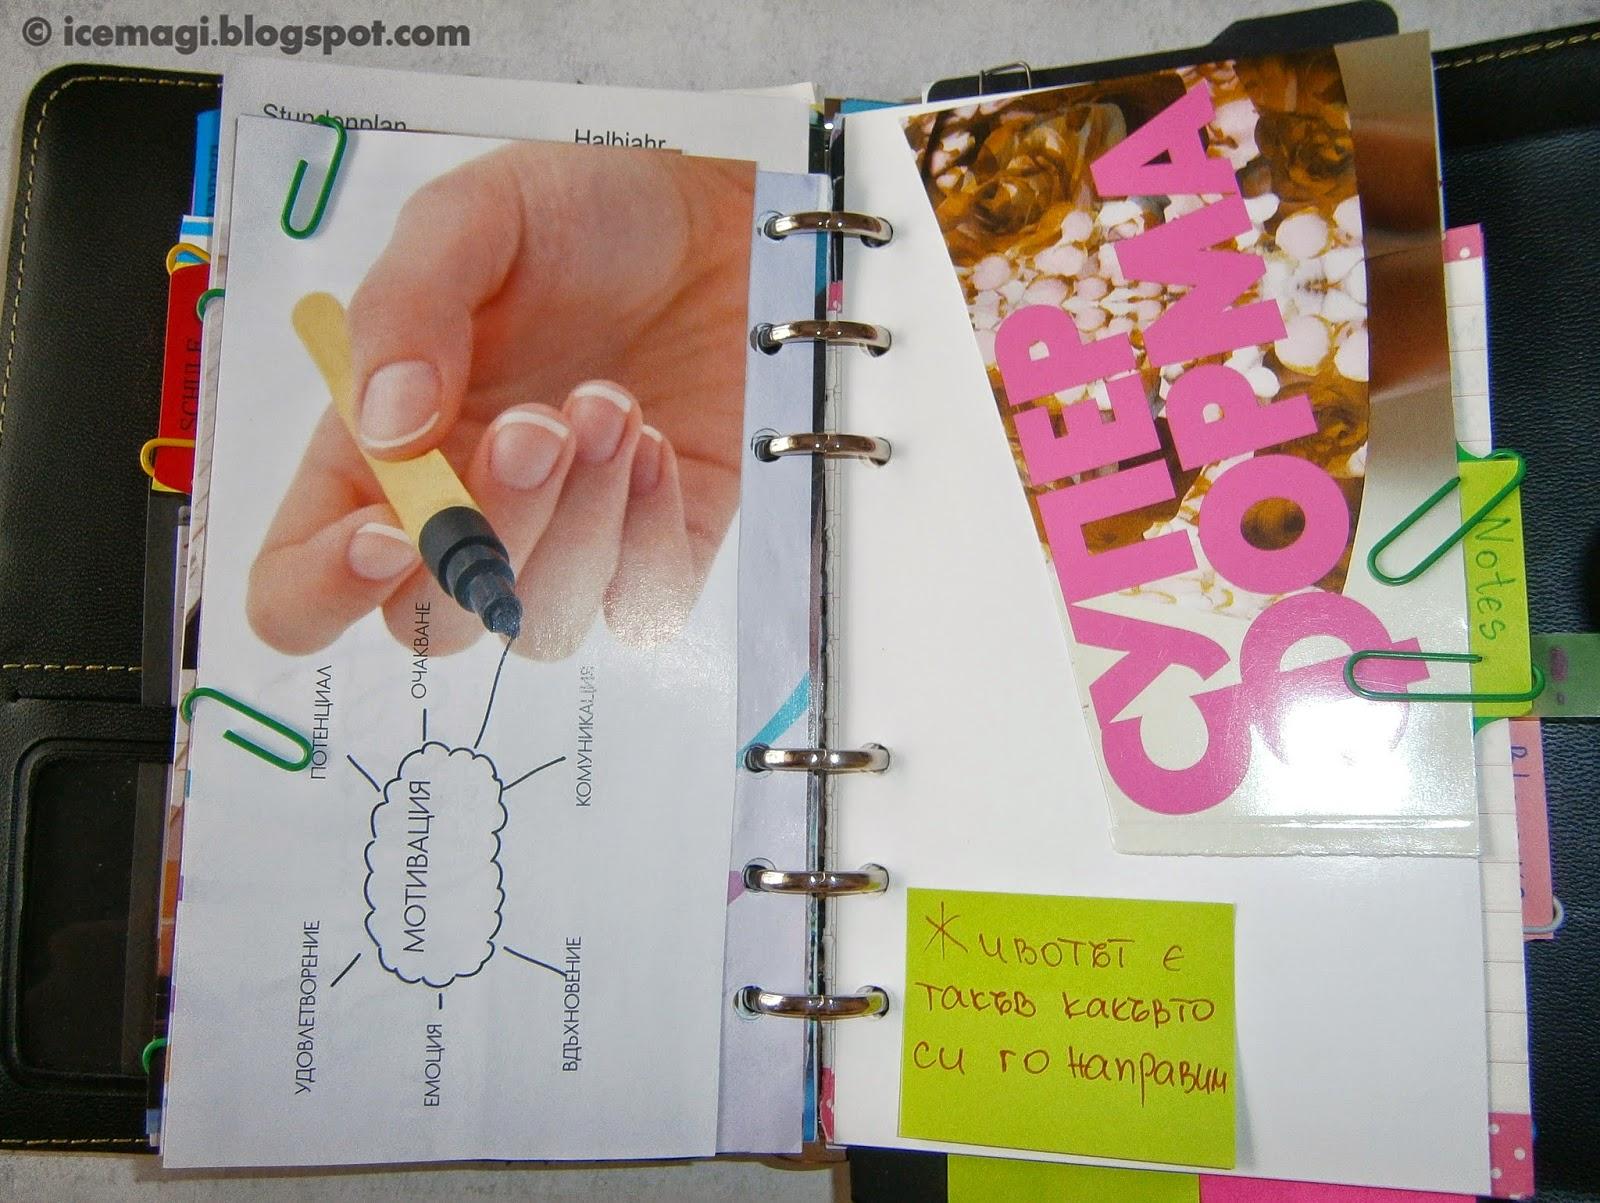 organizer/planner